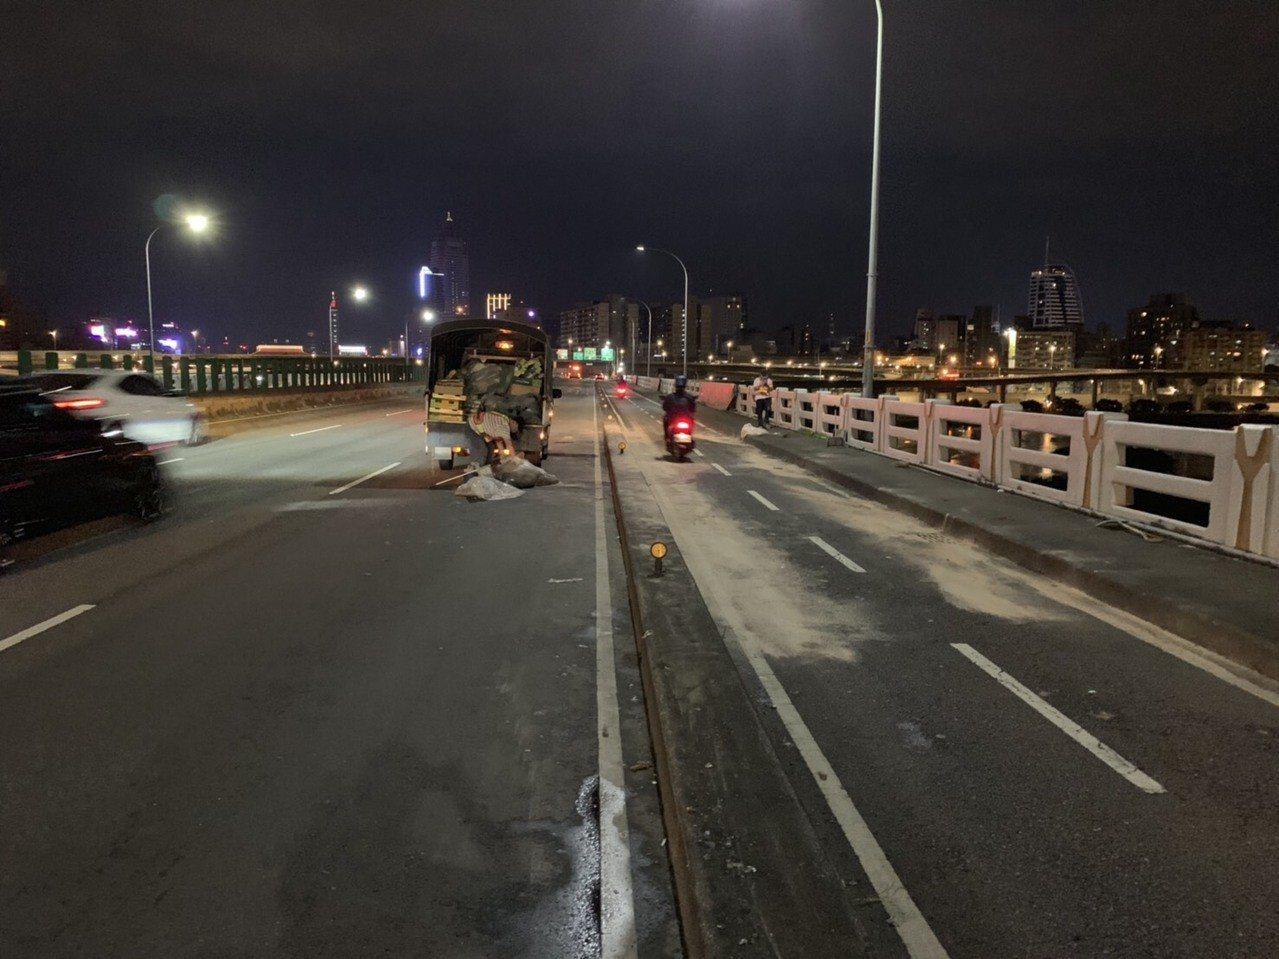 忠孝橋昨晚掉落滿地奇異果,警方和清潔隊協助清除完畢。記者林昭彰/翻攝